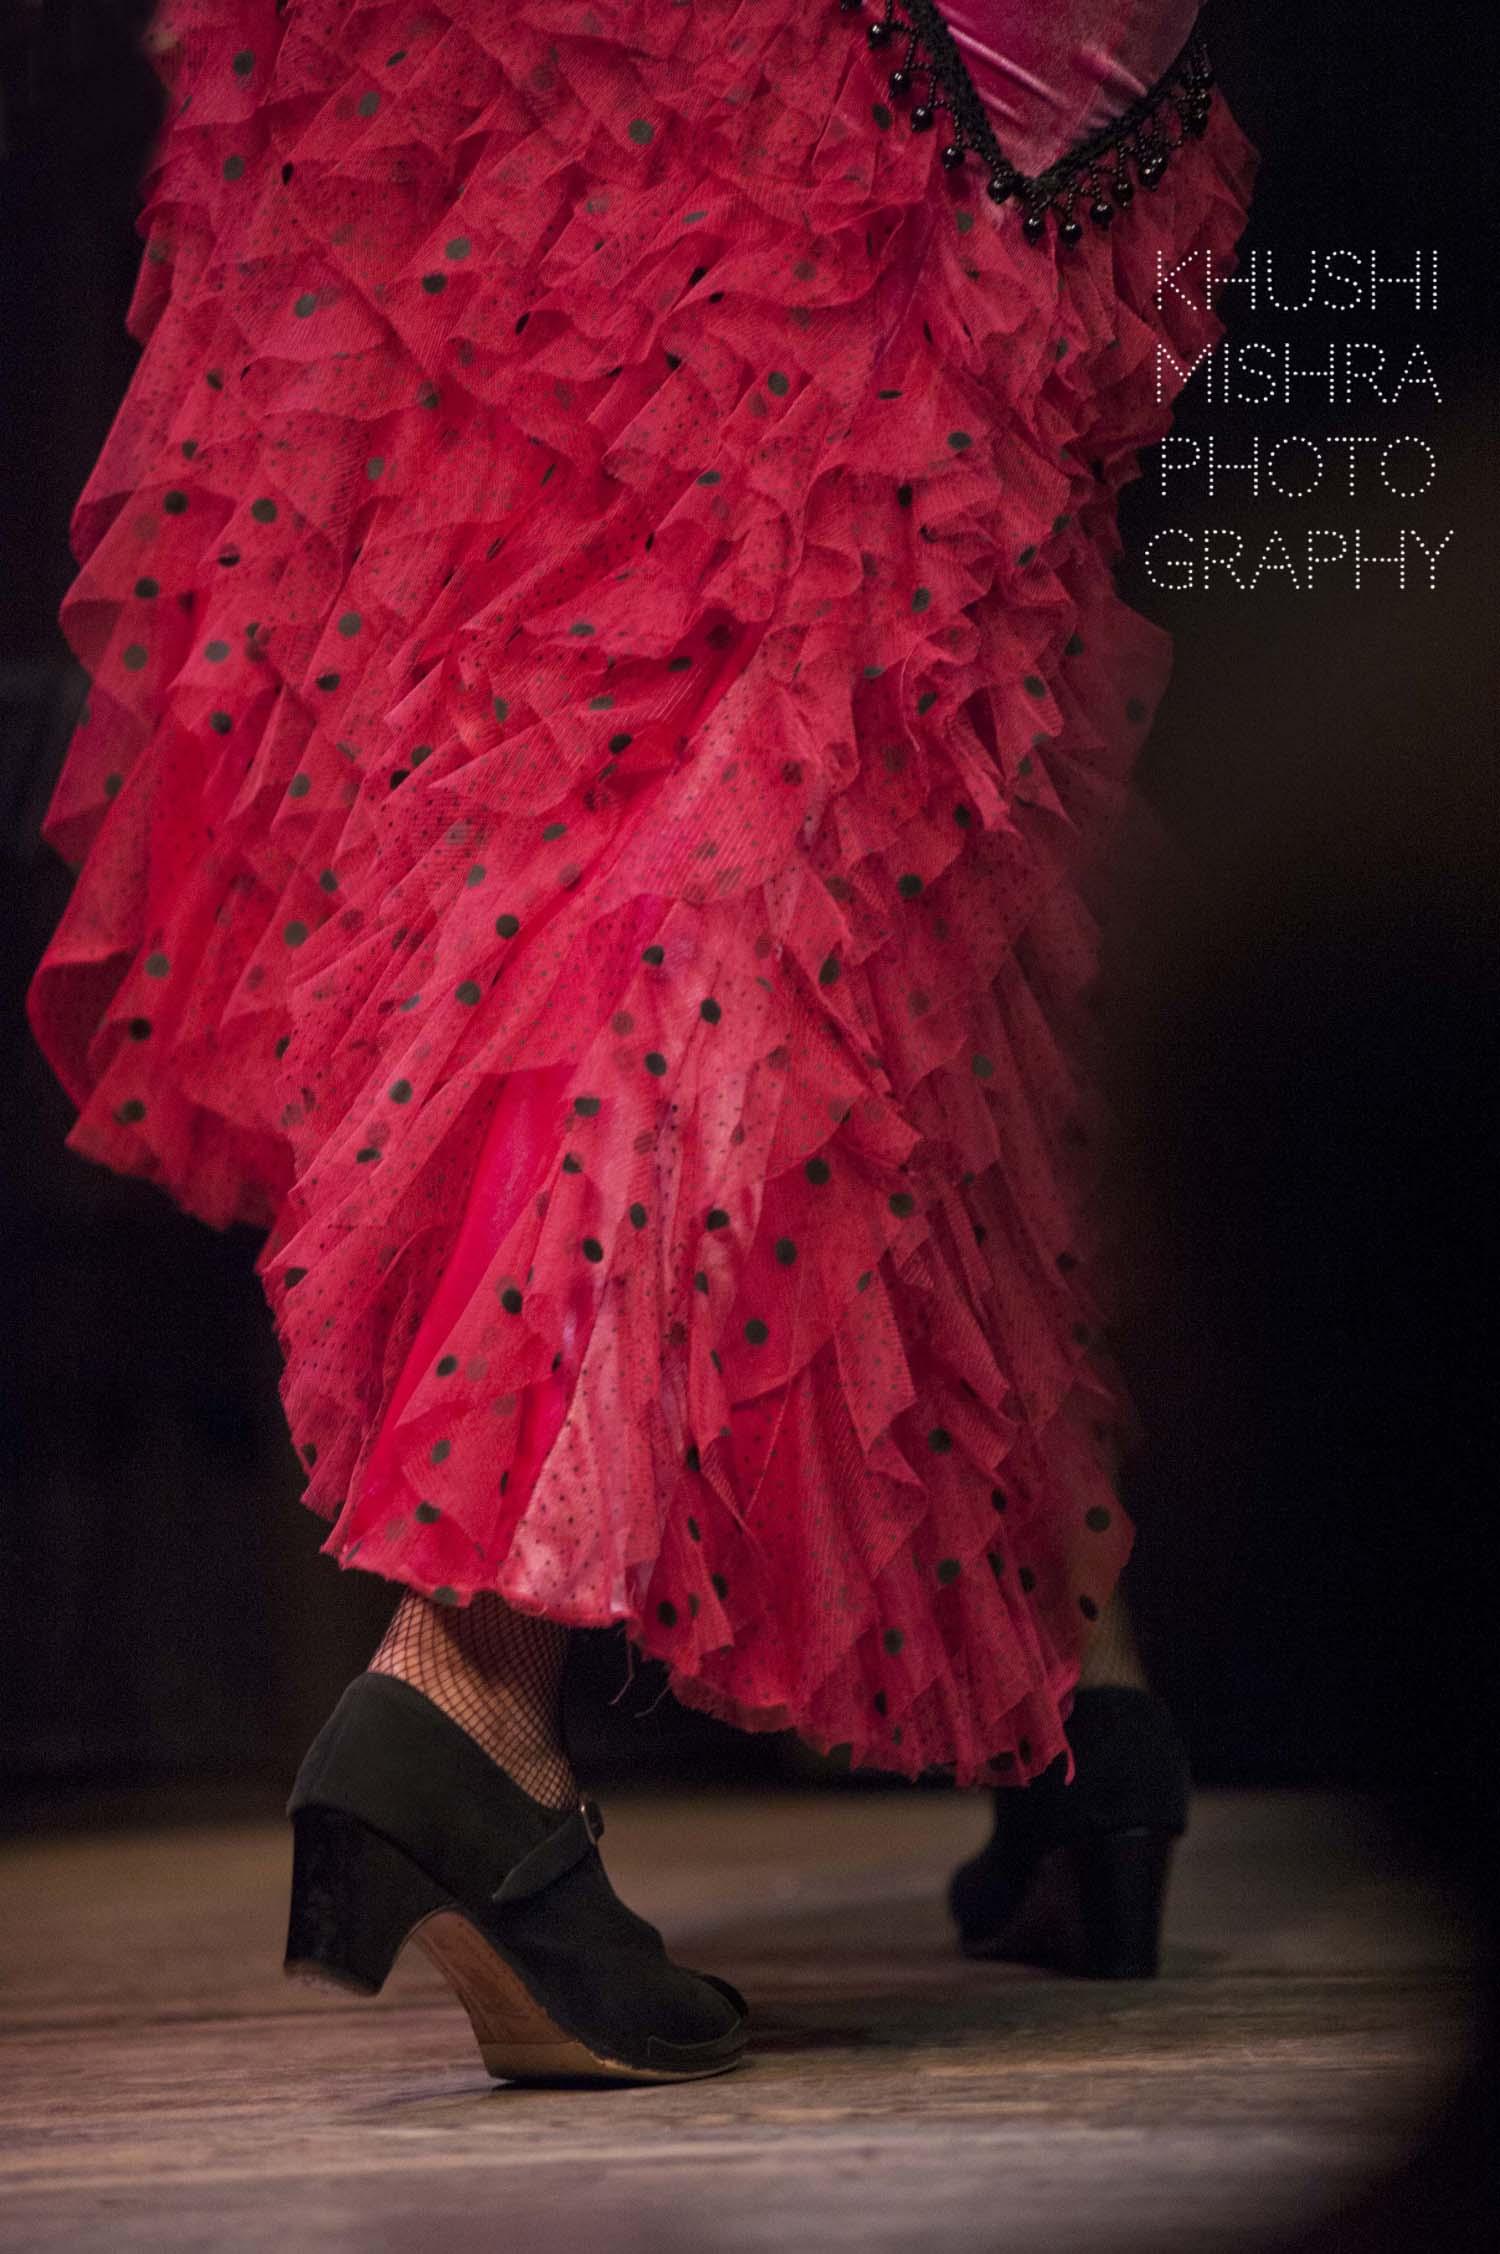 Flamenco_dsc_7923 copy.jpg